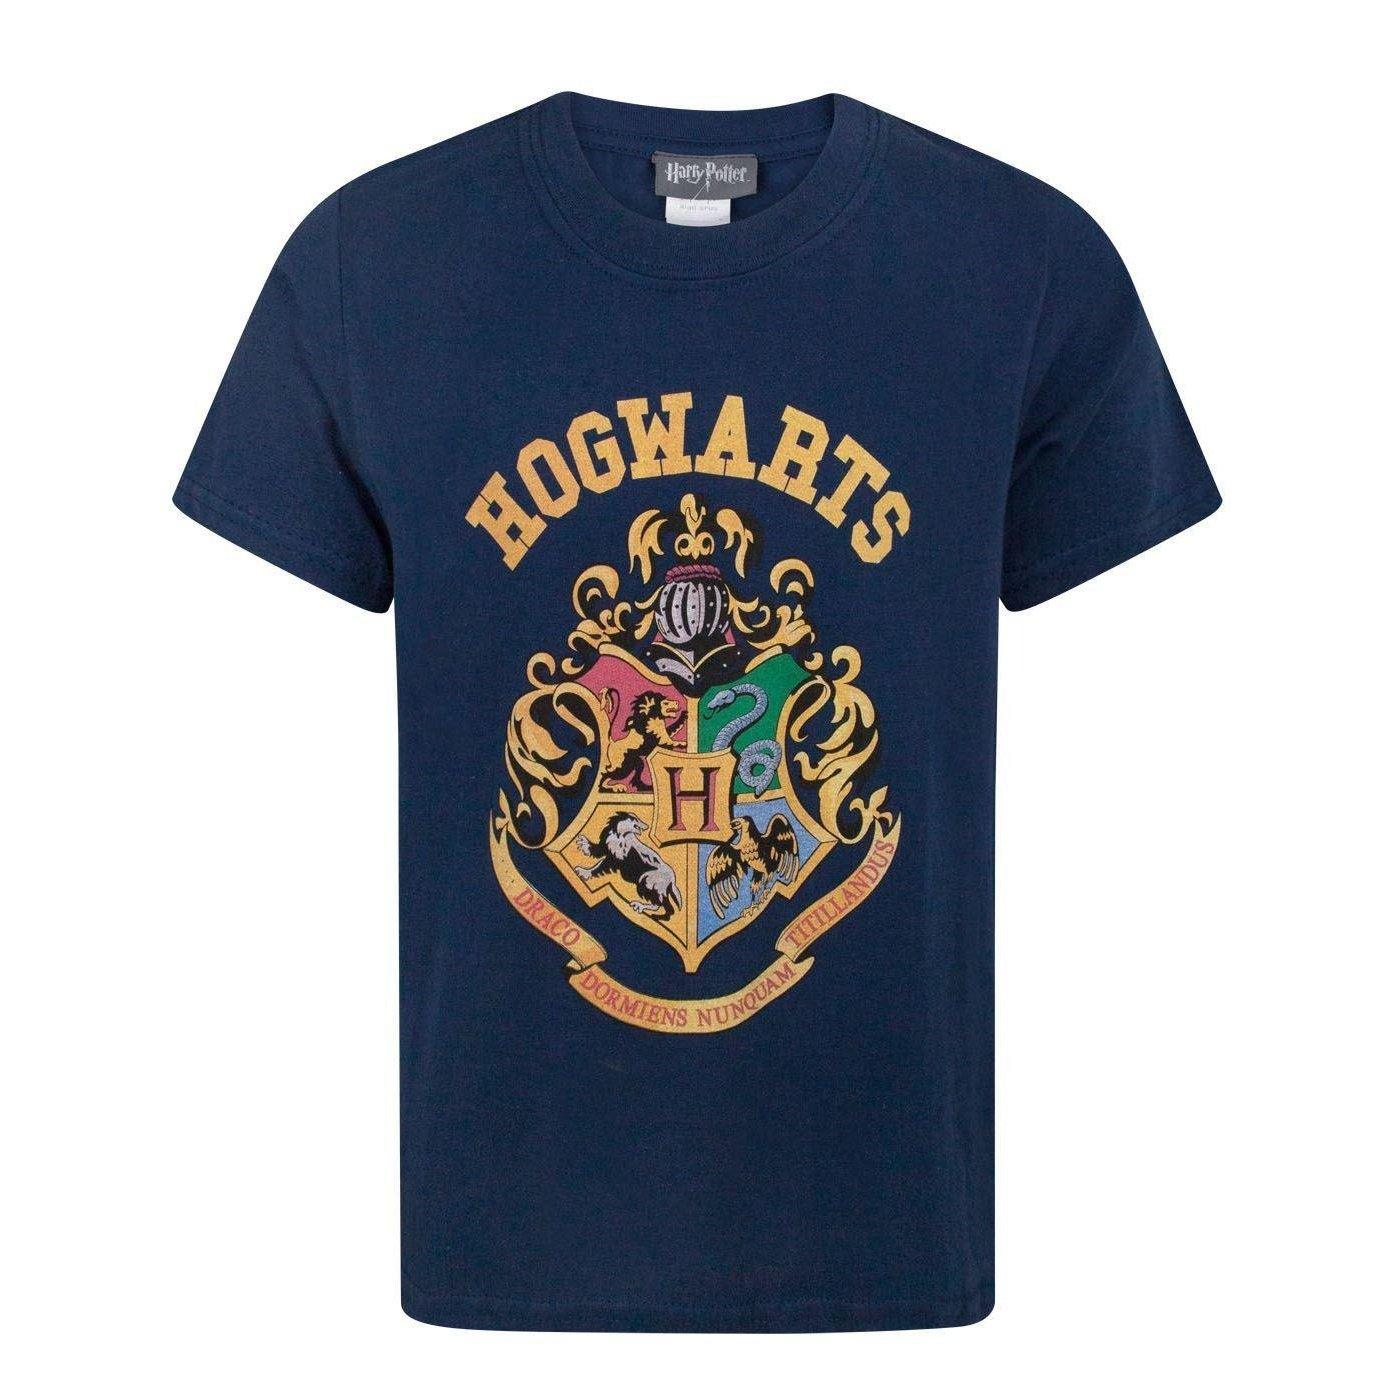 Harry Potter Hogwarts Crest Boy's T-Shirt Fashion UK